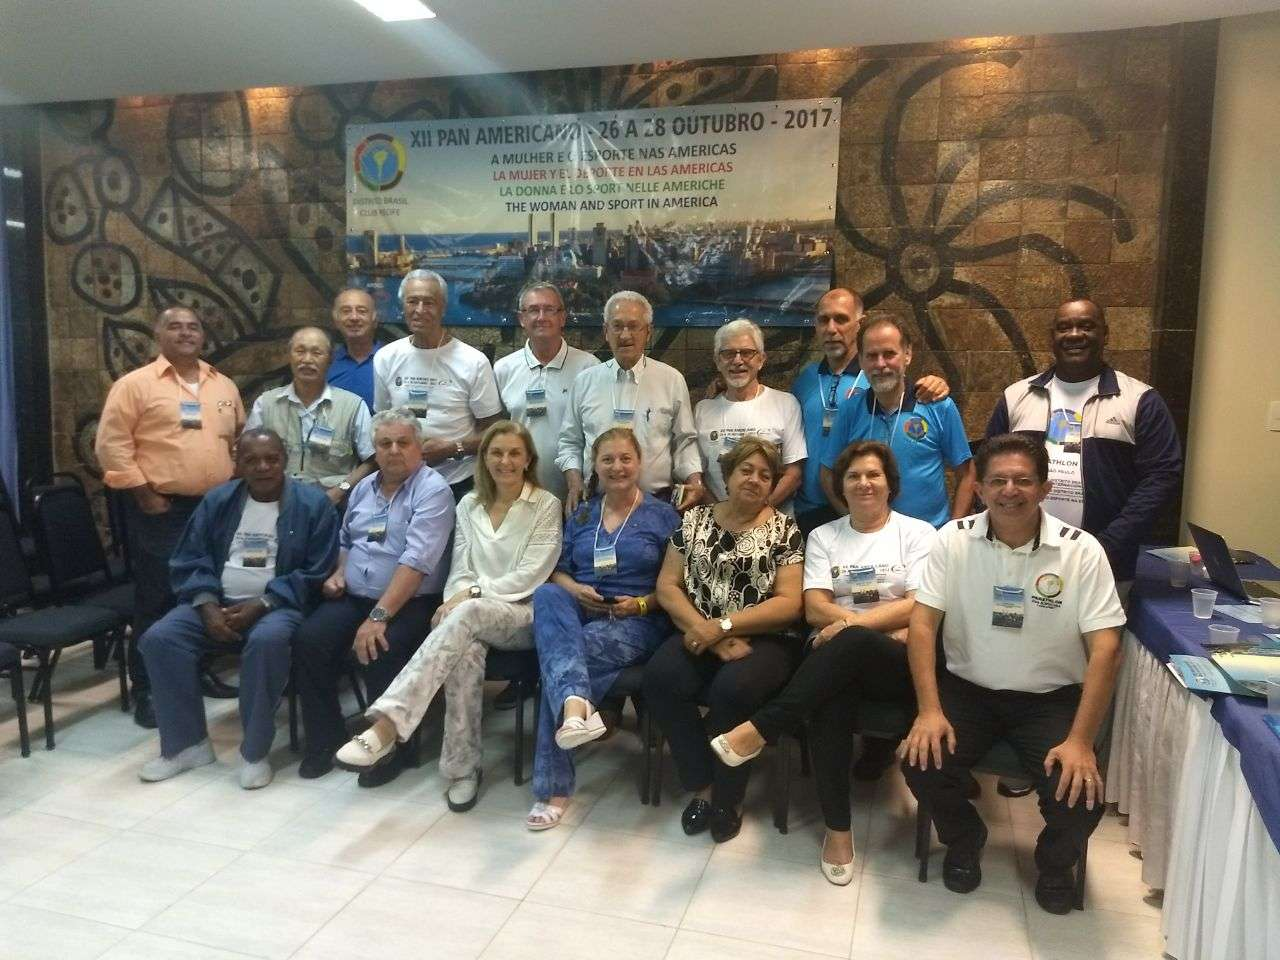 Panathlon Club Juiz de Fora participa com destaque do 12º Congresso Pan-Americano, em Recife